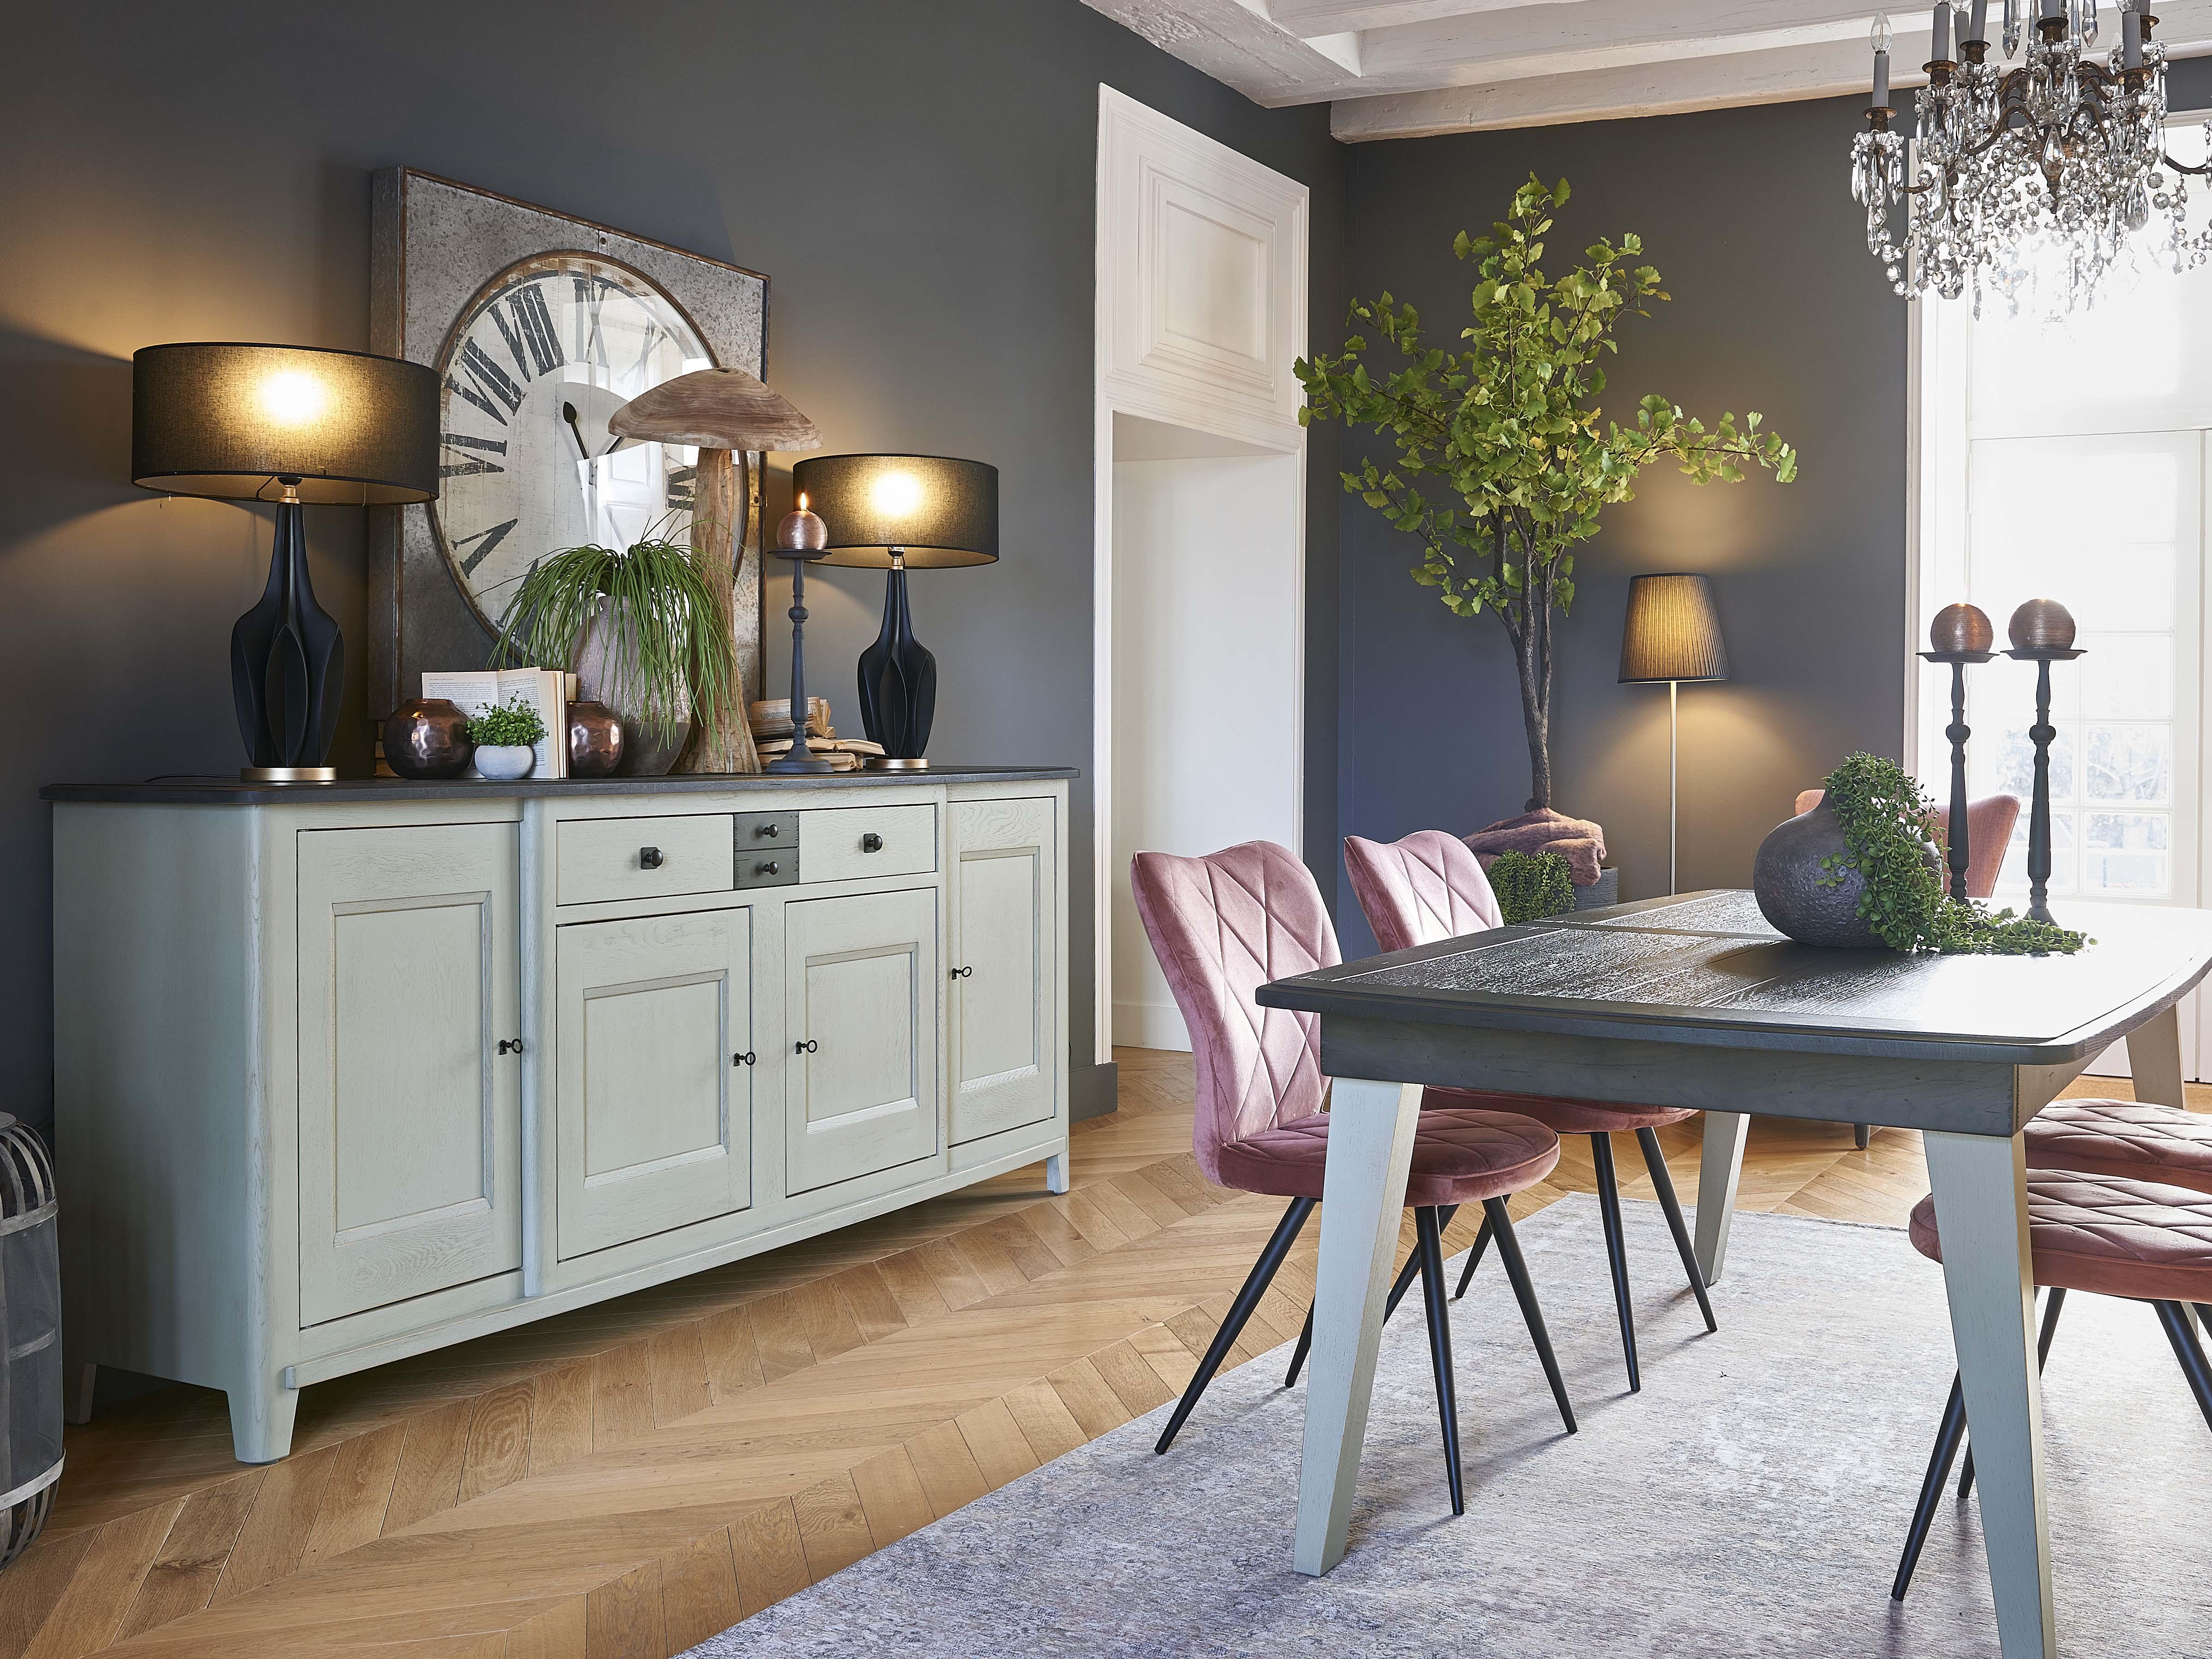 Ambiance Et Patines Valence charme - meubles bourrat